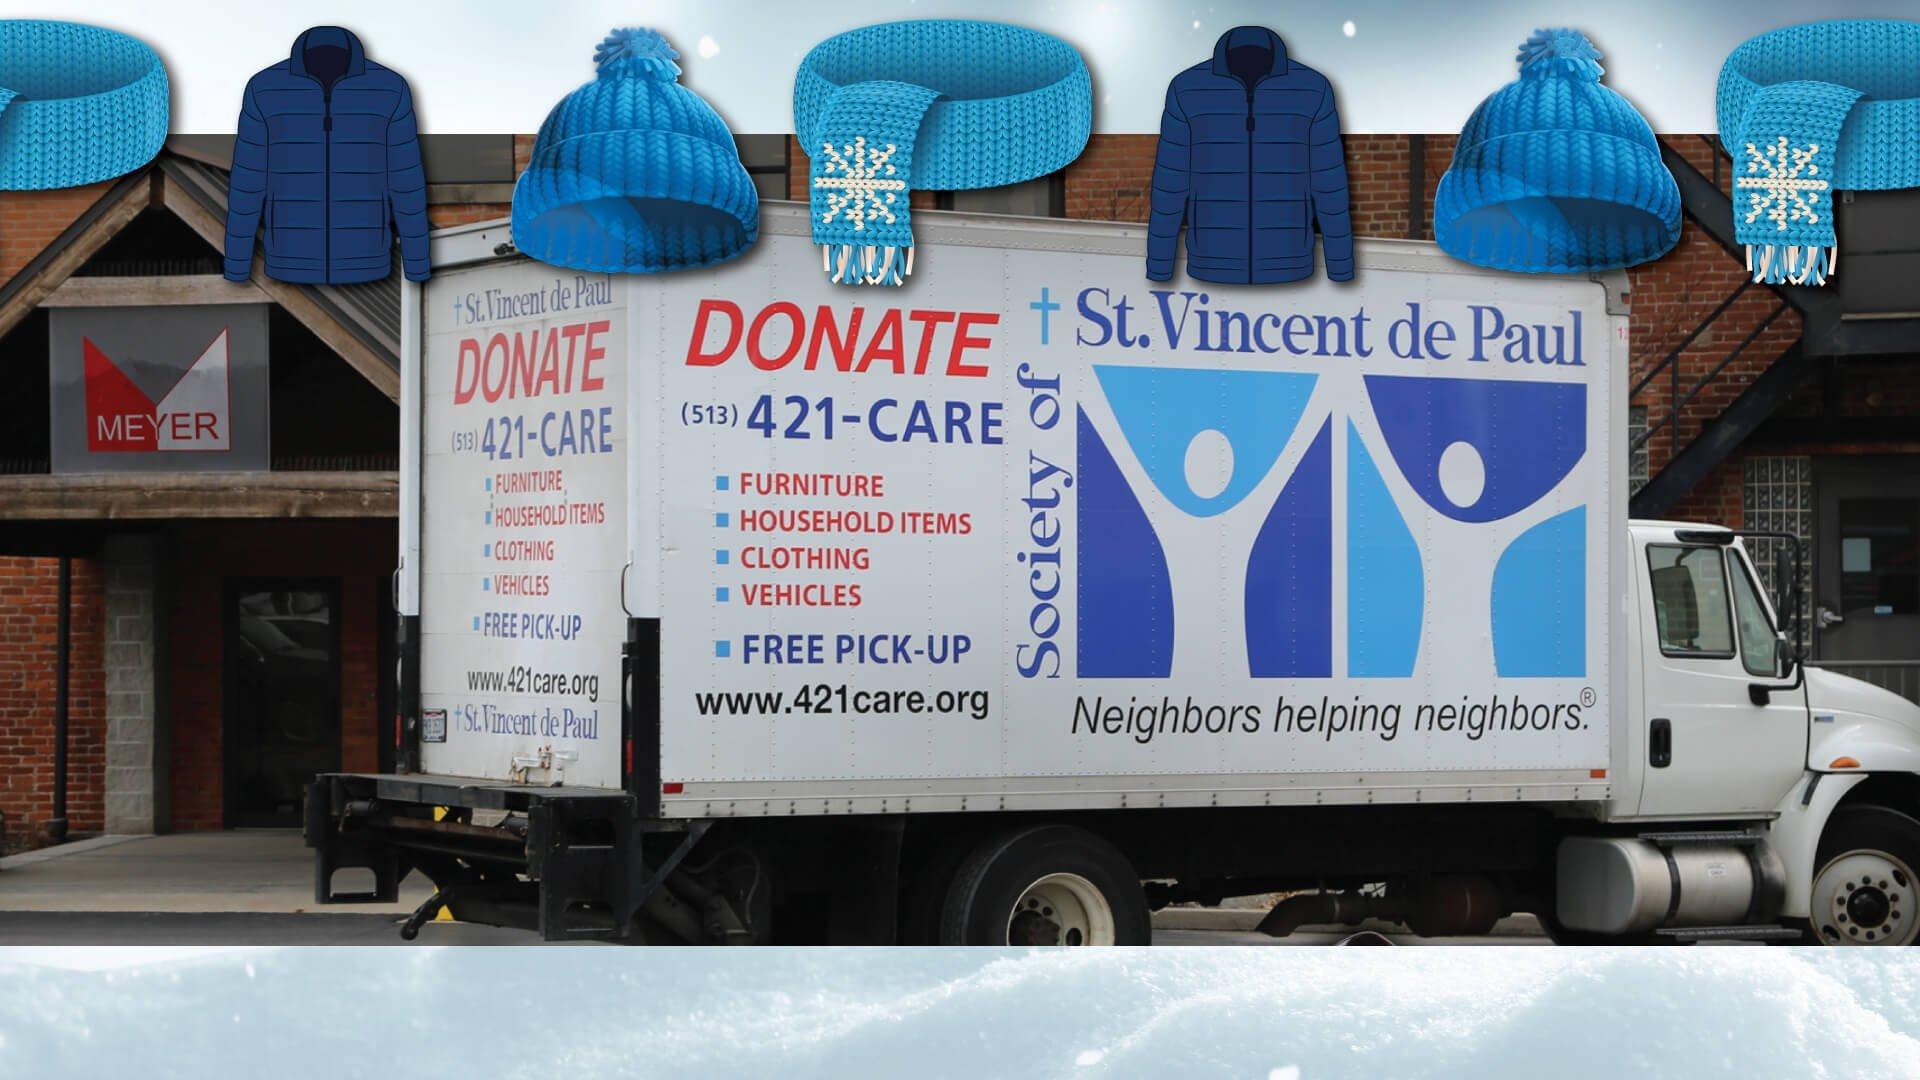 St. Vincent de Paul donation truck